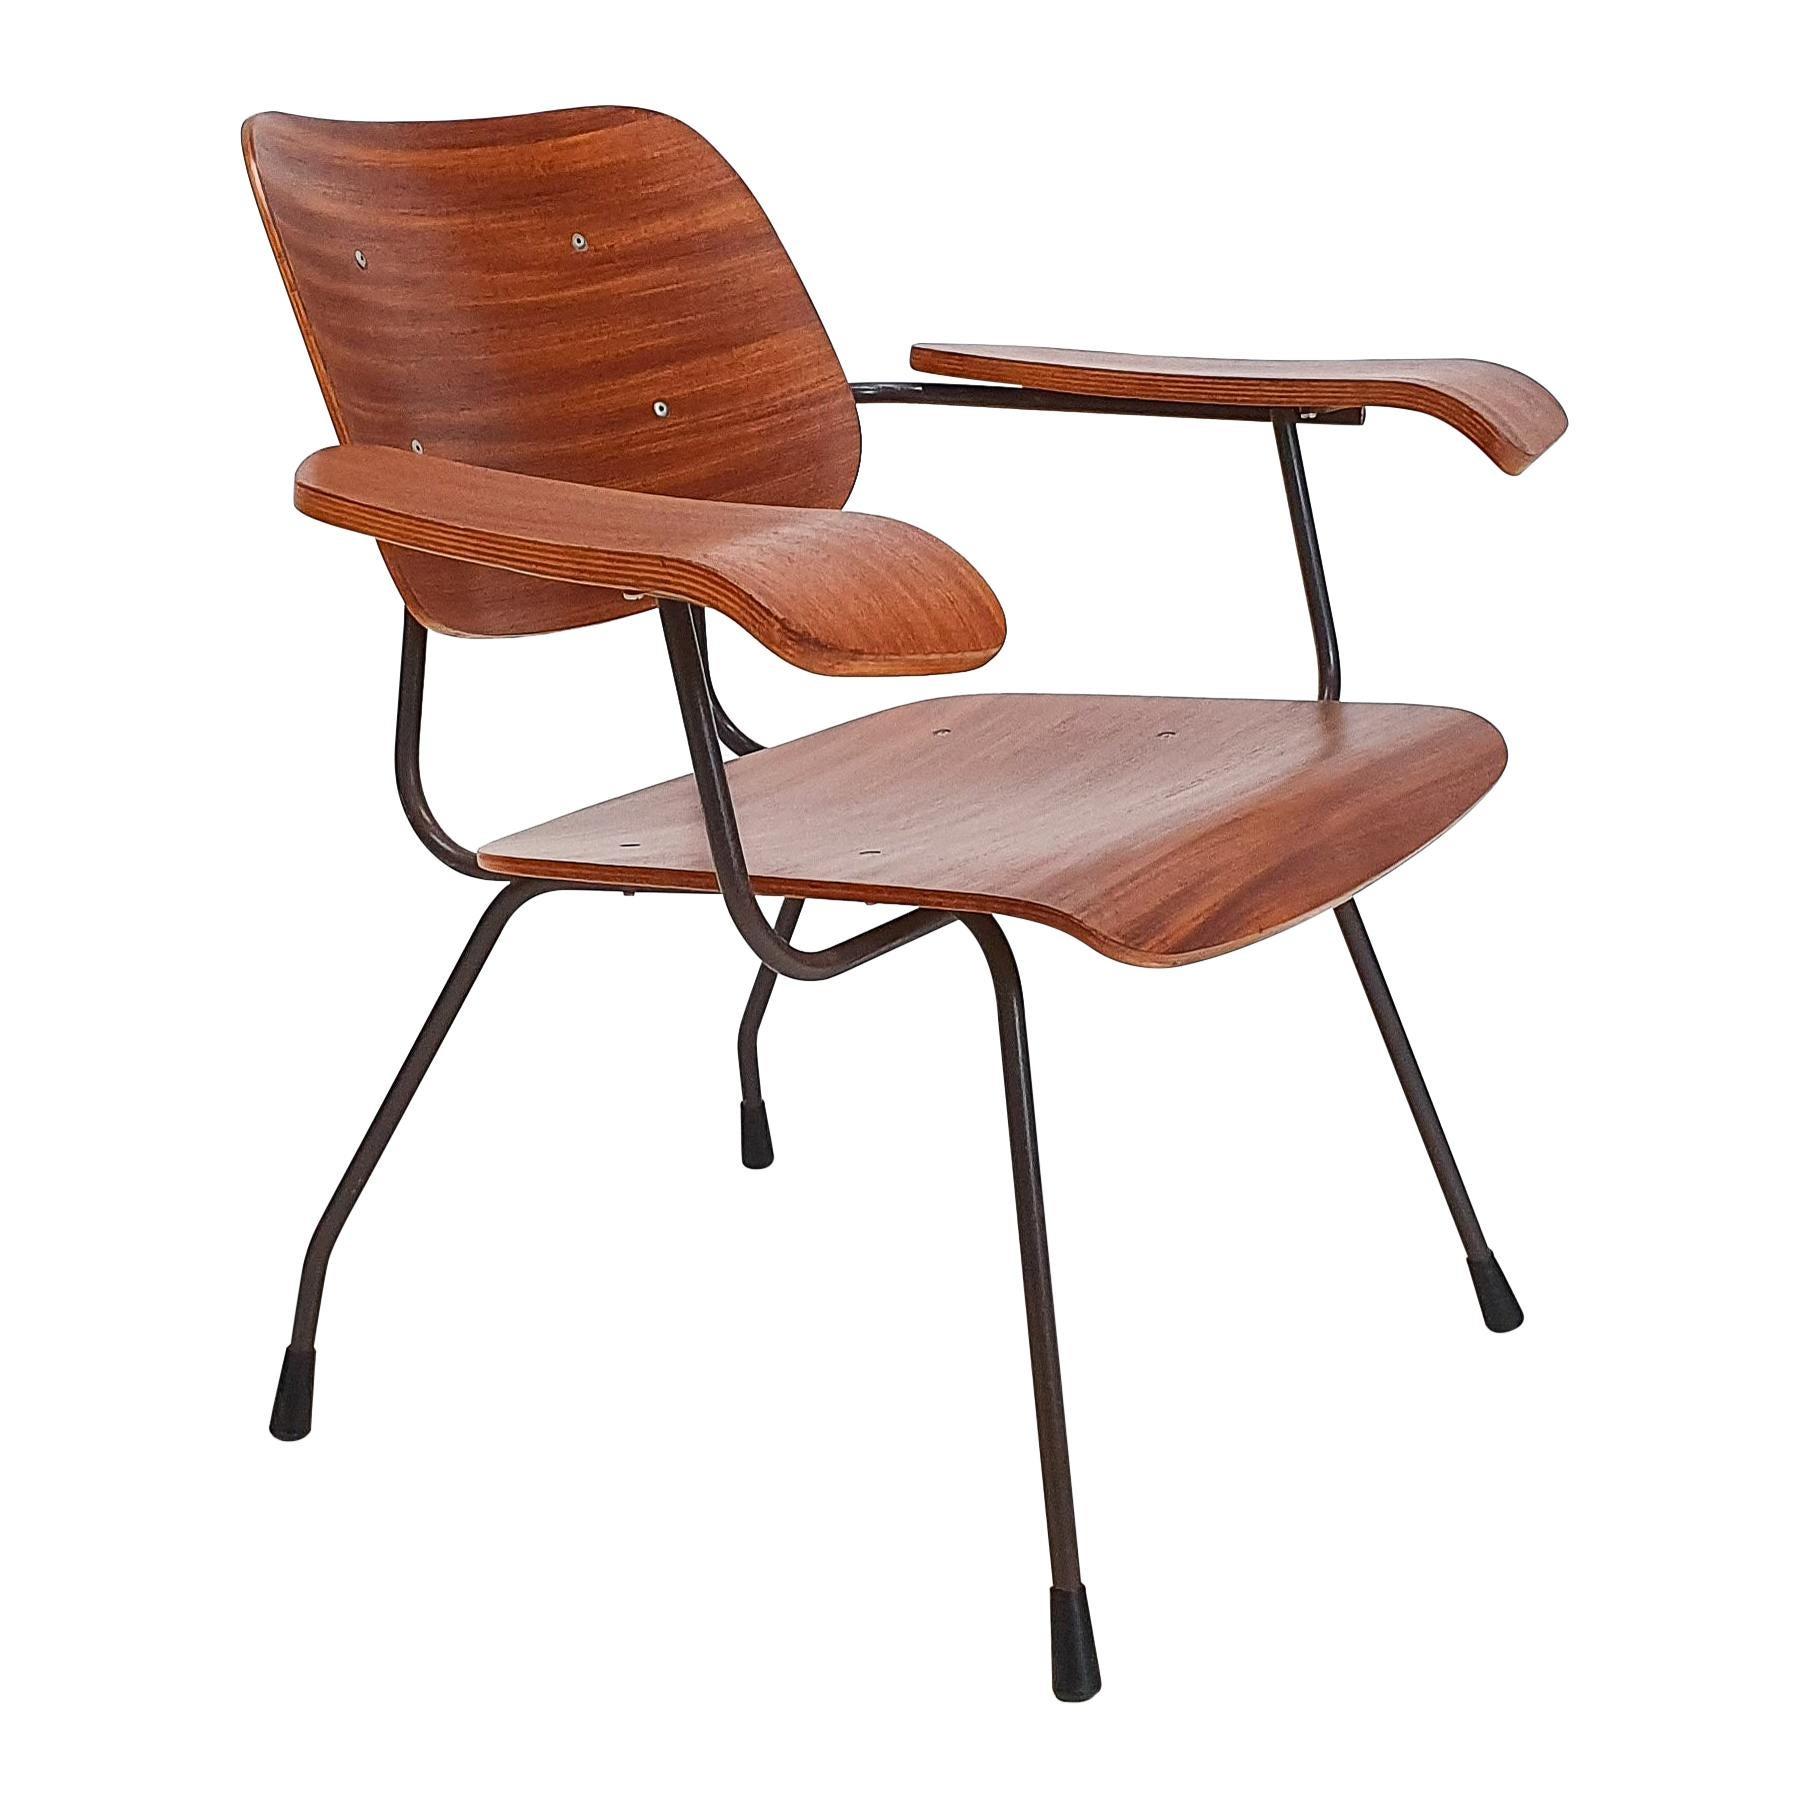 Model 8000 Easy Chair by Tjerk Reijenga for Pilastro, Netherlands, 1960s